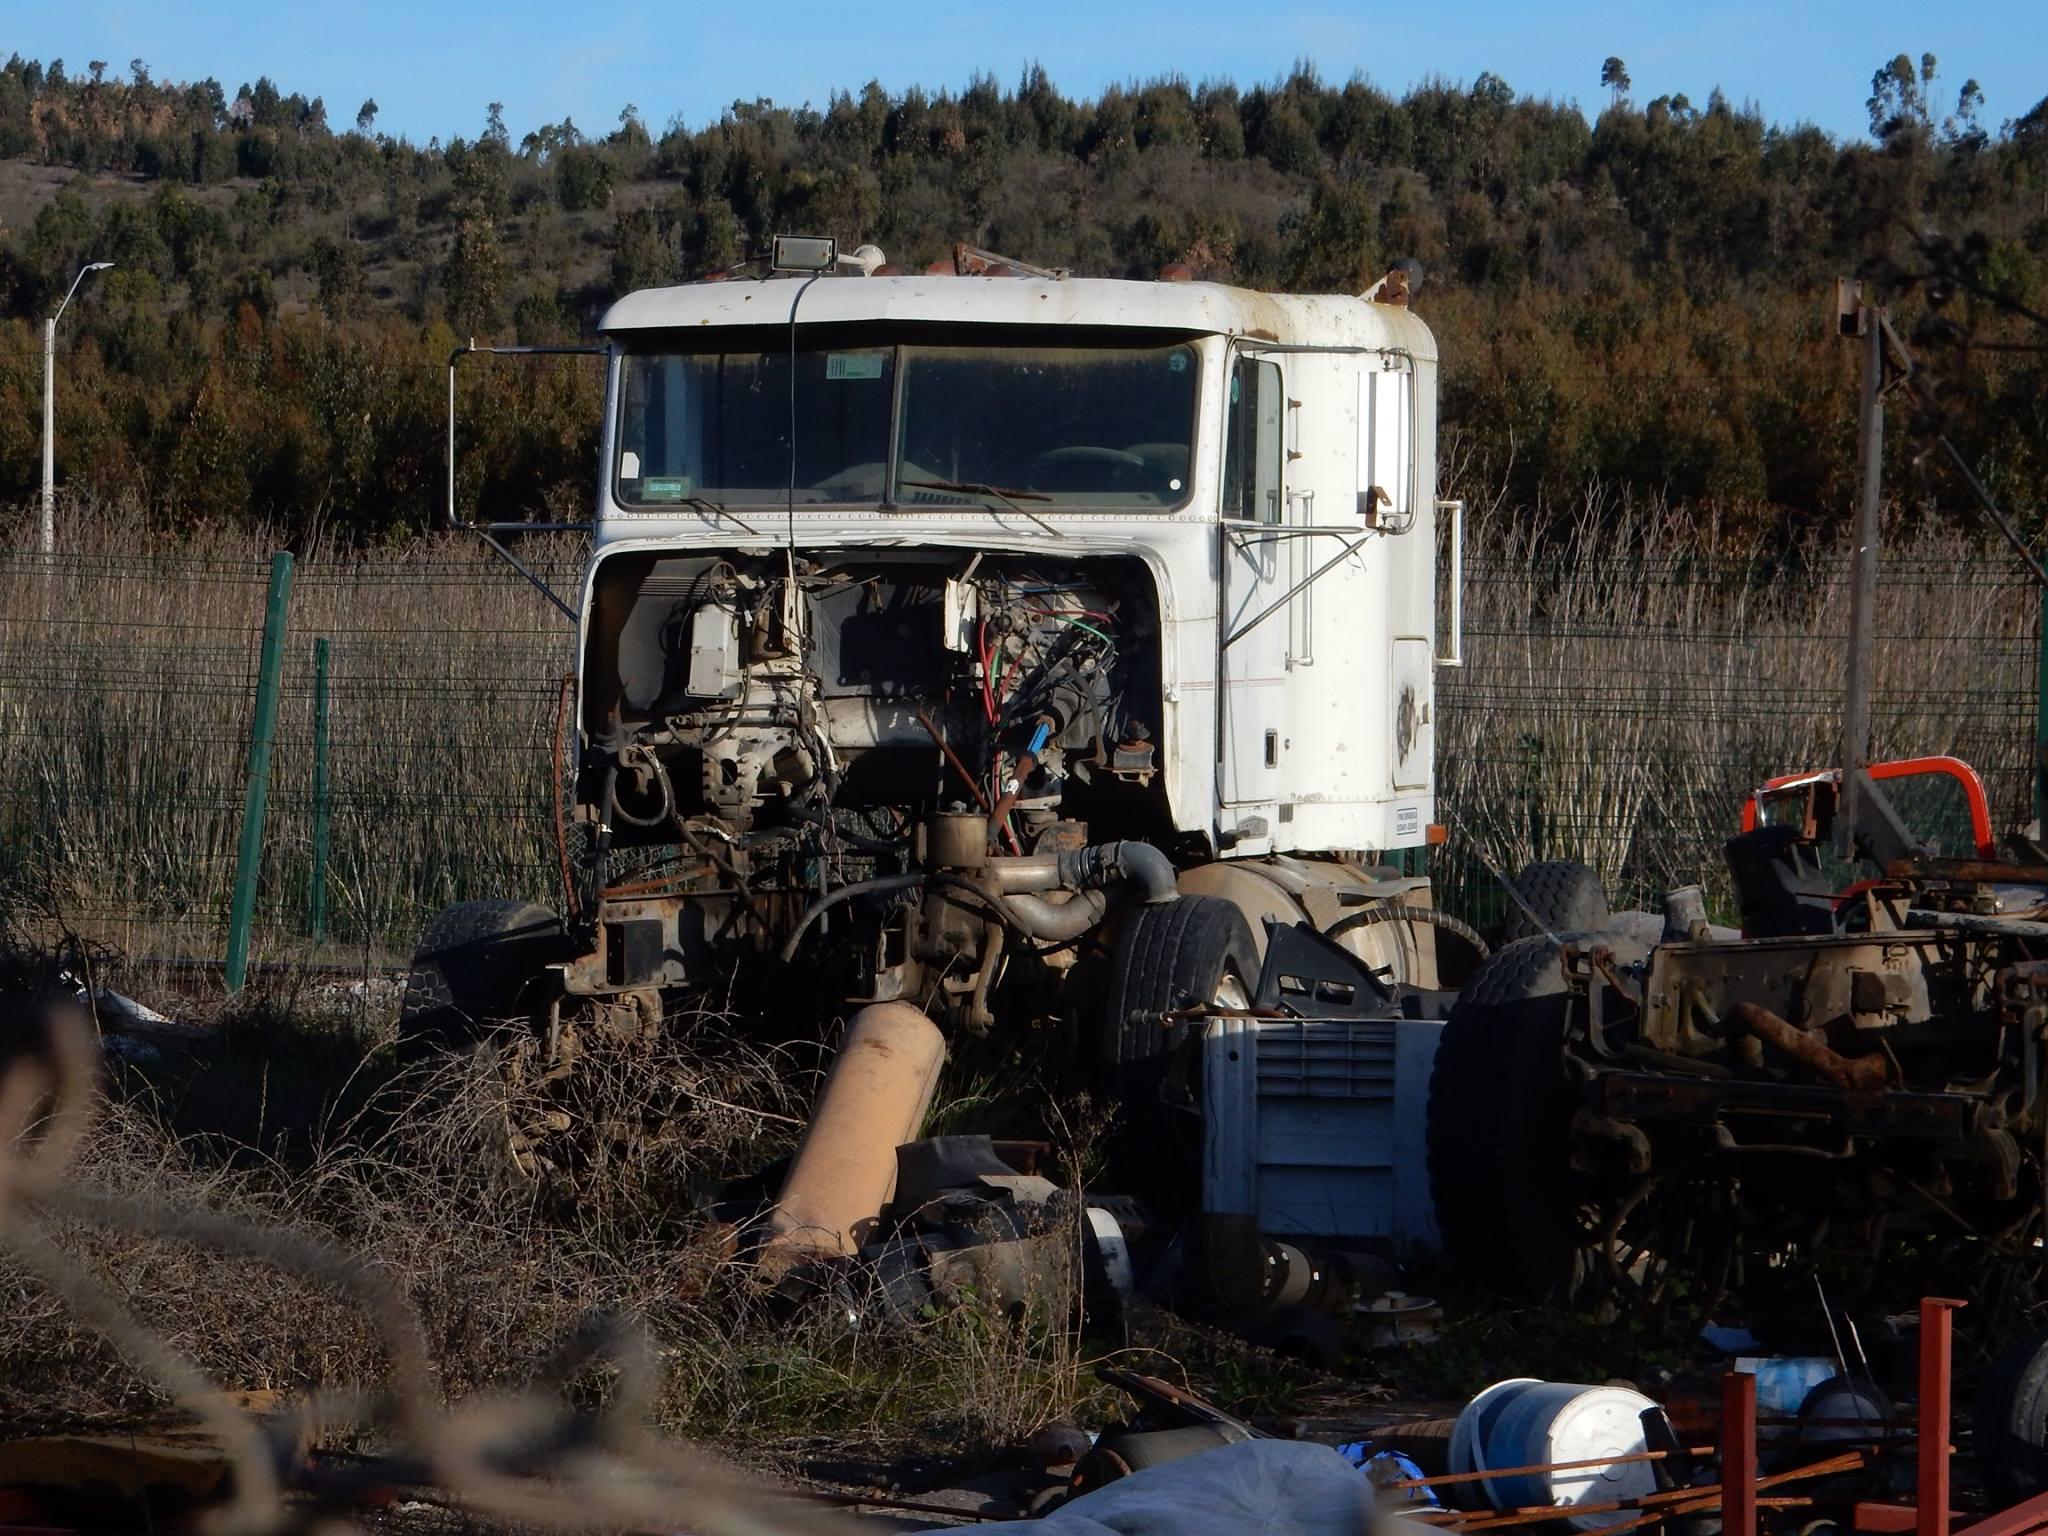 Camiones-vieja-escuela-olvidados-64